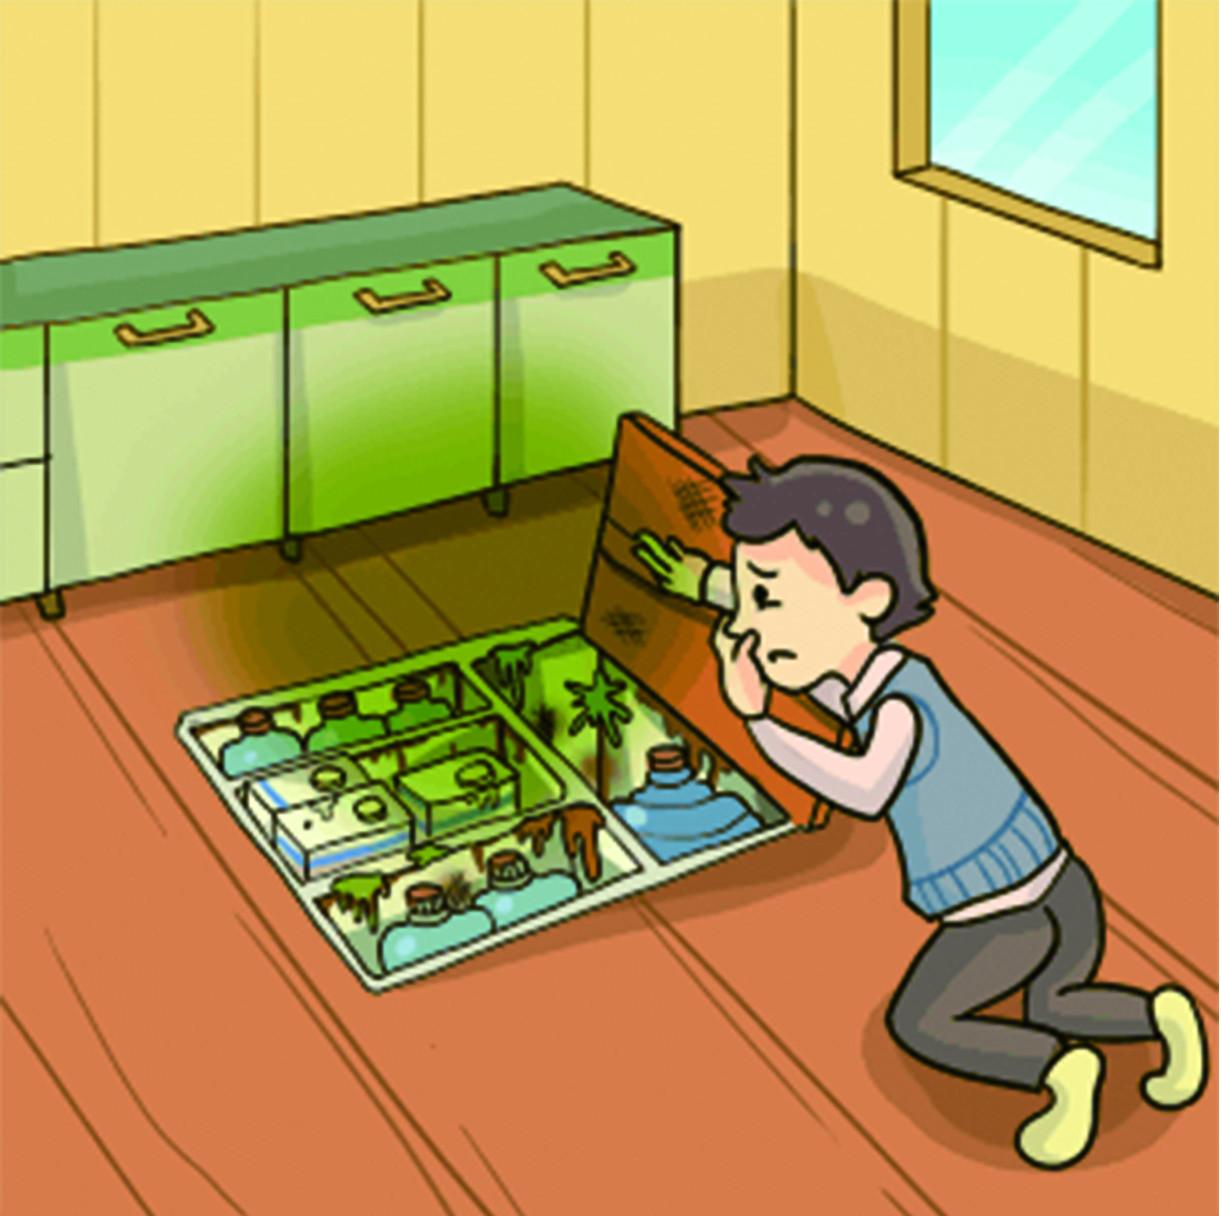 粉蟎雖然不若蚊子、蜂類,會叮咬、攻擊人類,但若置之不理,粉蟎可能大量繁殖。不僅使人感到噁心不適,影響生活品質,更可能造成過敏,甚至隨著食物進入人體中,輕則導致腸胃不適、腹瀉,嚴重甚至引起「肺蟎病」、「腸蟎病」、「尿蟎病」等。